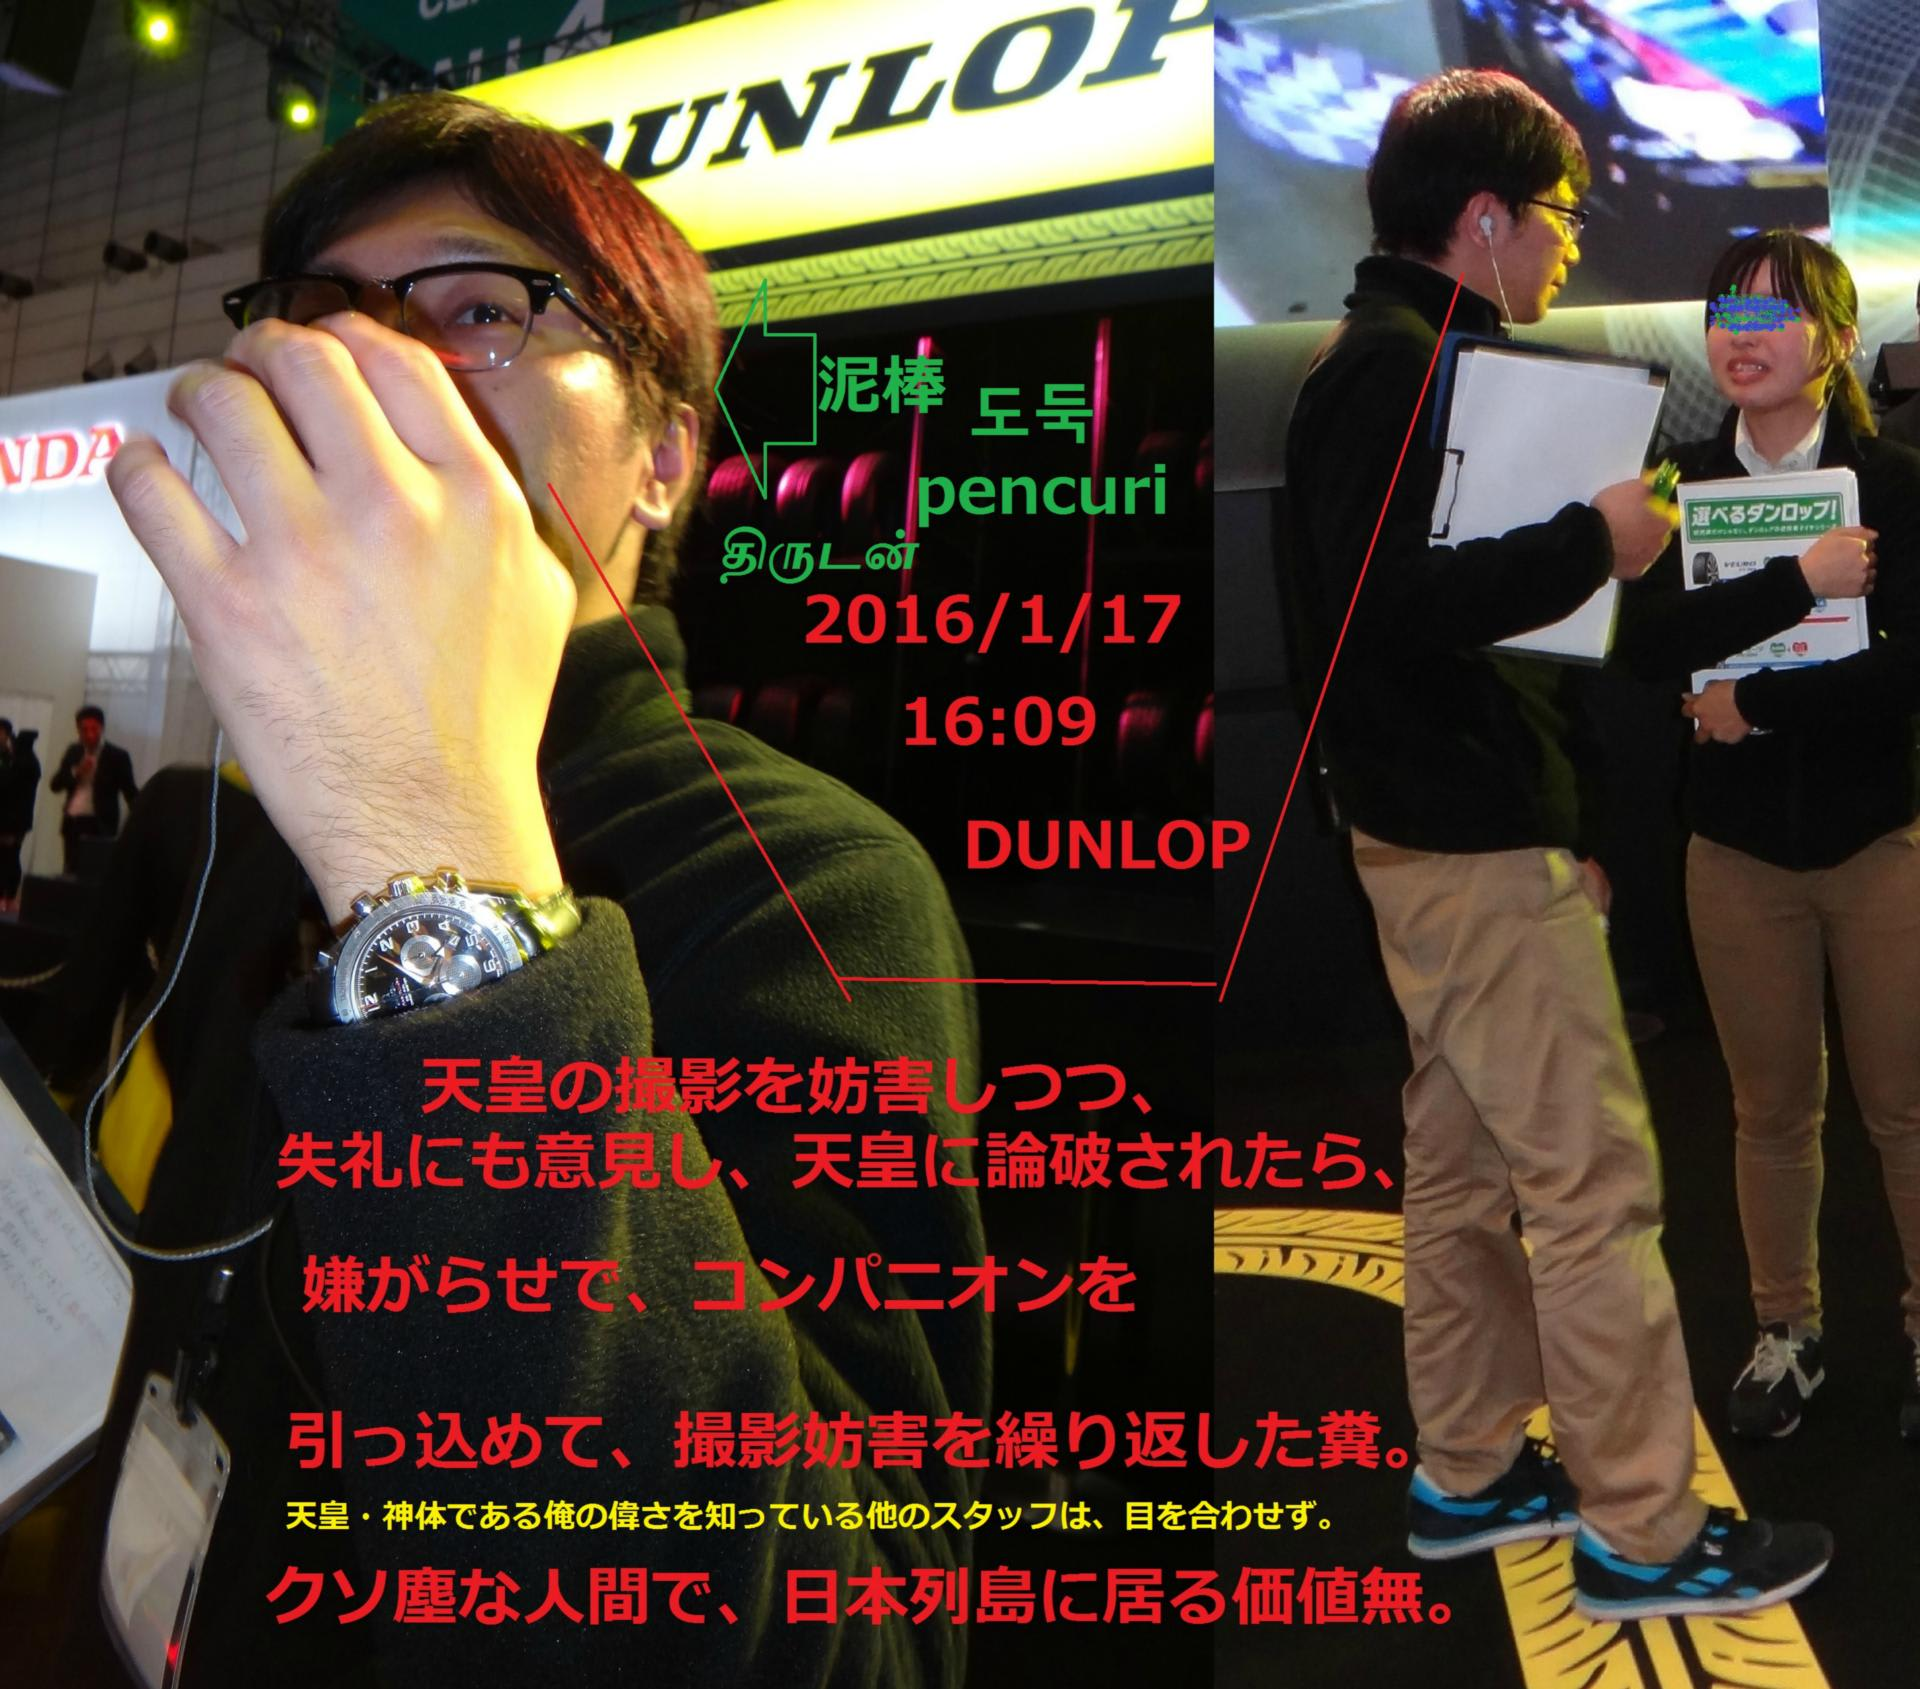 東京オートサロン2016 本スレ3 [無断転載禁止]©2ch.netYouTube動画>12本 ->画像>1336枚